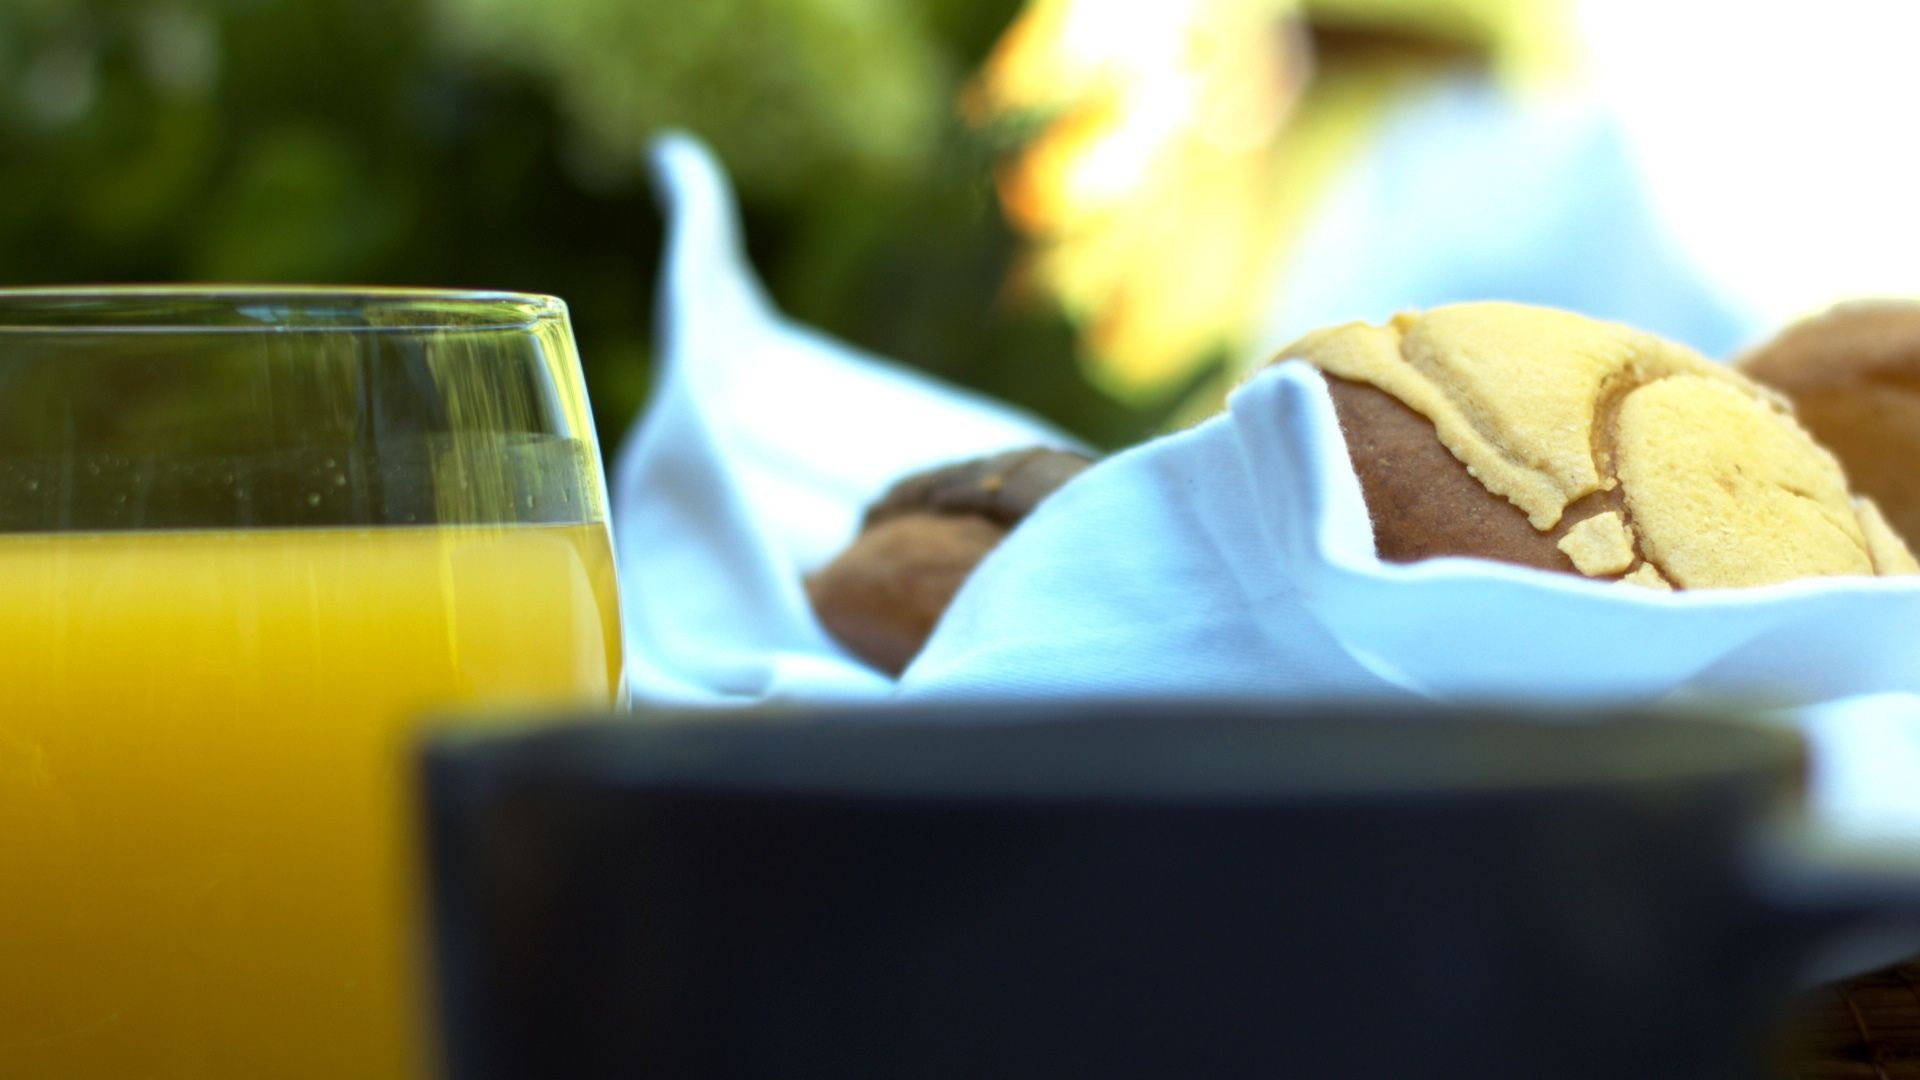 Un delicioso desayuno con café, jugo y pan recién horneado.